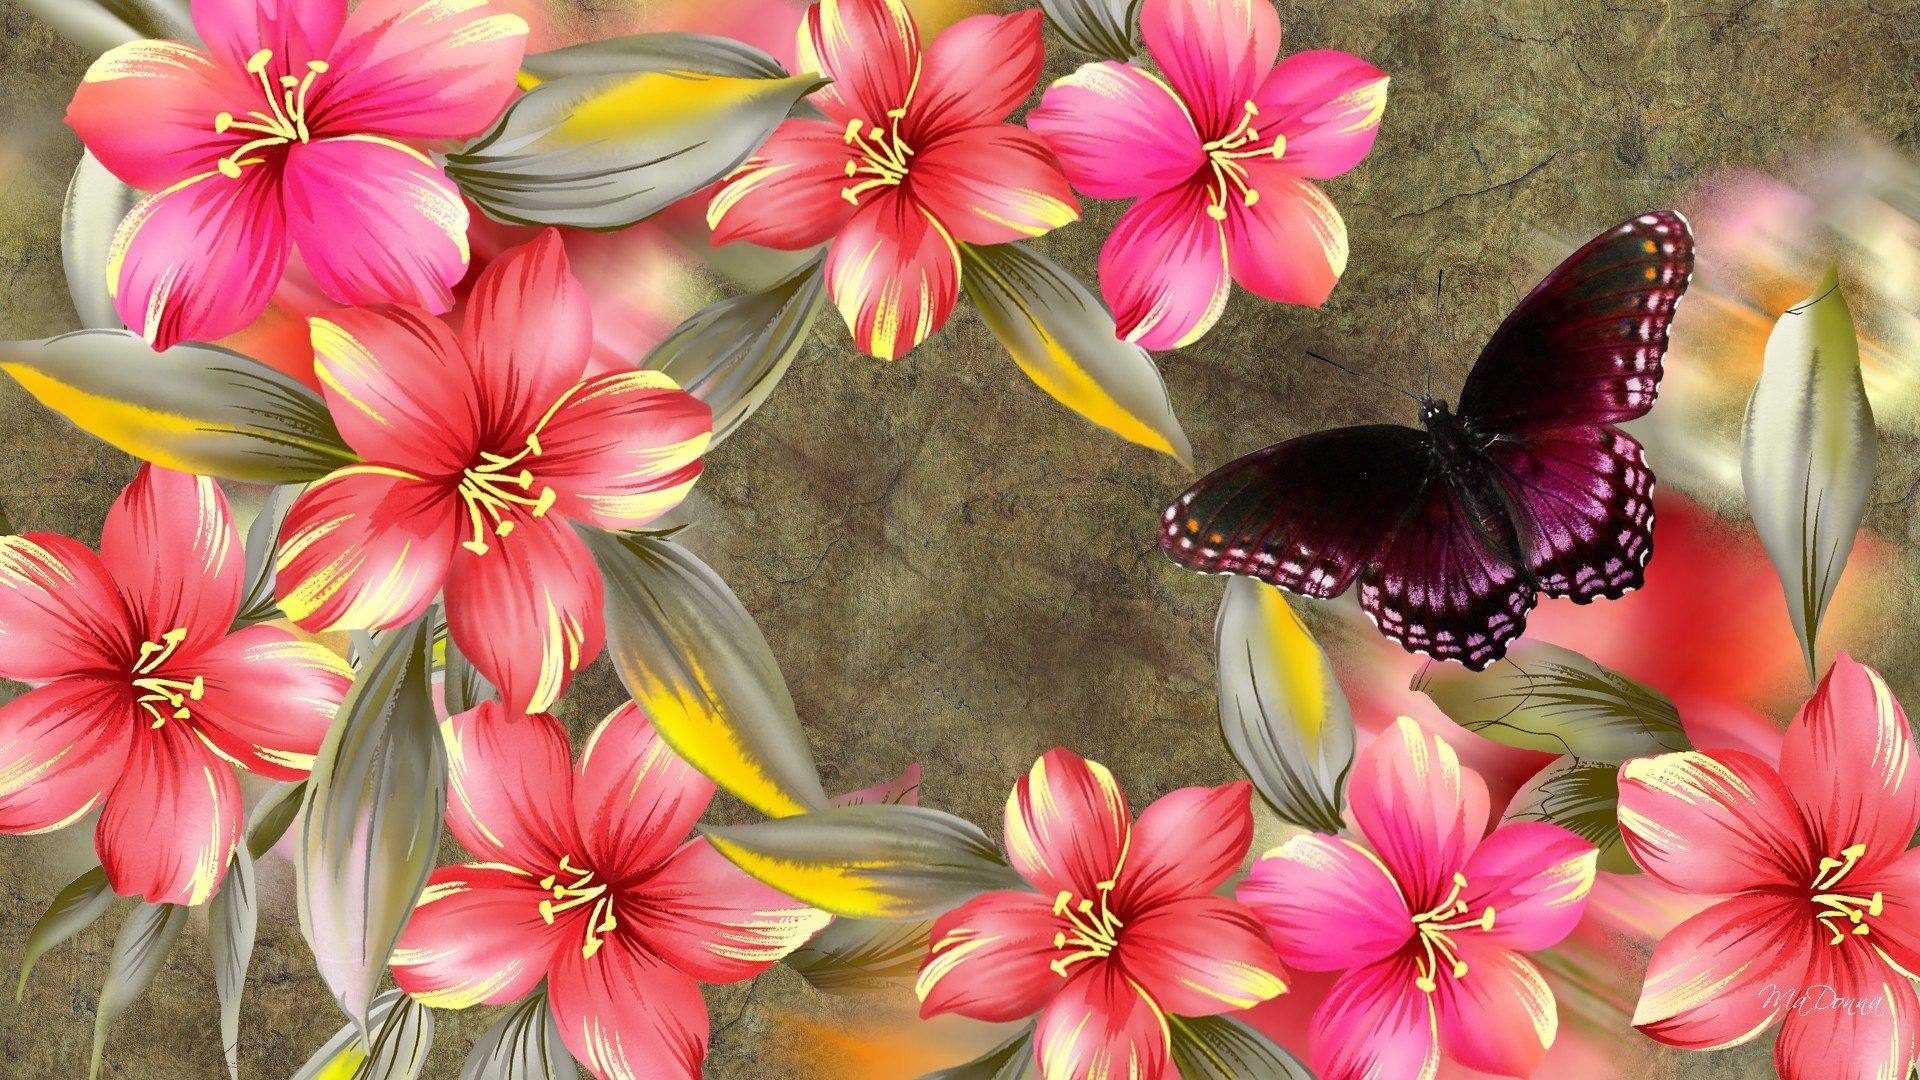 Wallpapers papillon hd le color de fleur x fonds d cran photo 1366x768 - Artistique Fleur Artistique Hibiscus Printemps Papillon Pink Pourpre Fond D Cran